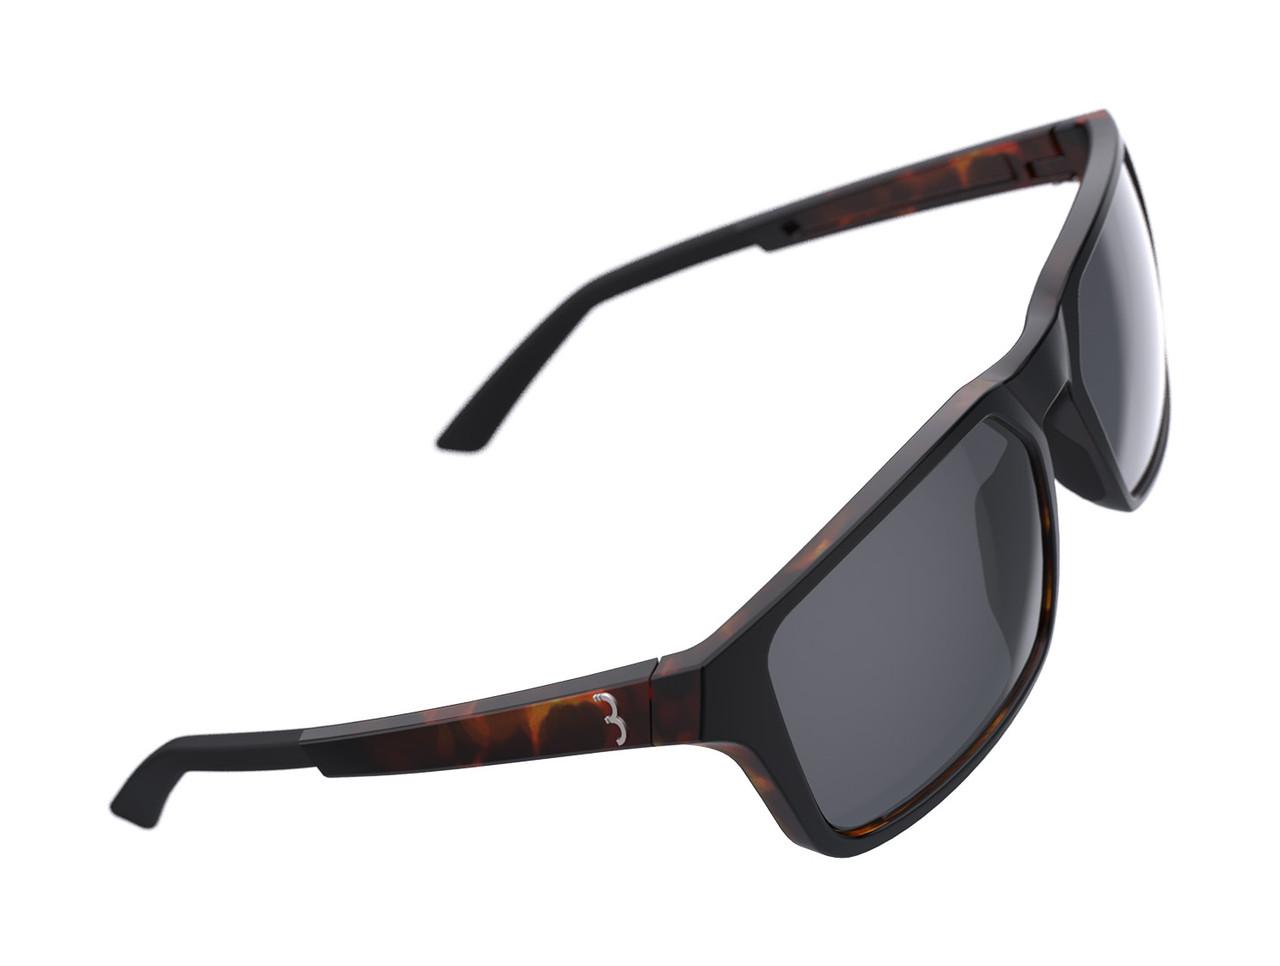 BBB Spectre Sport BSG-66 Sunglasses Matte Tortoise Shell / Smoke Lens